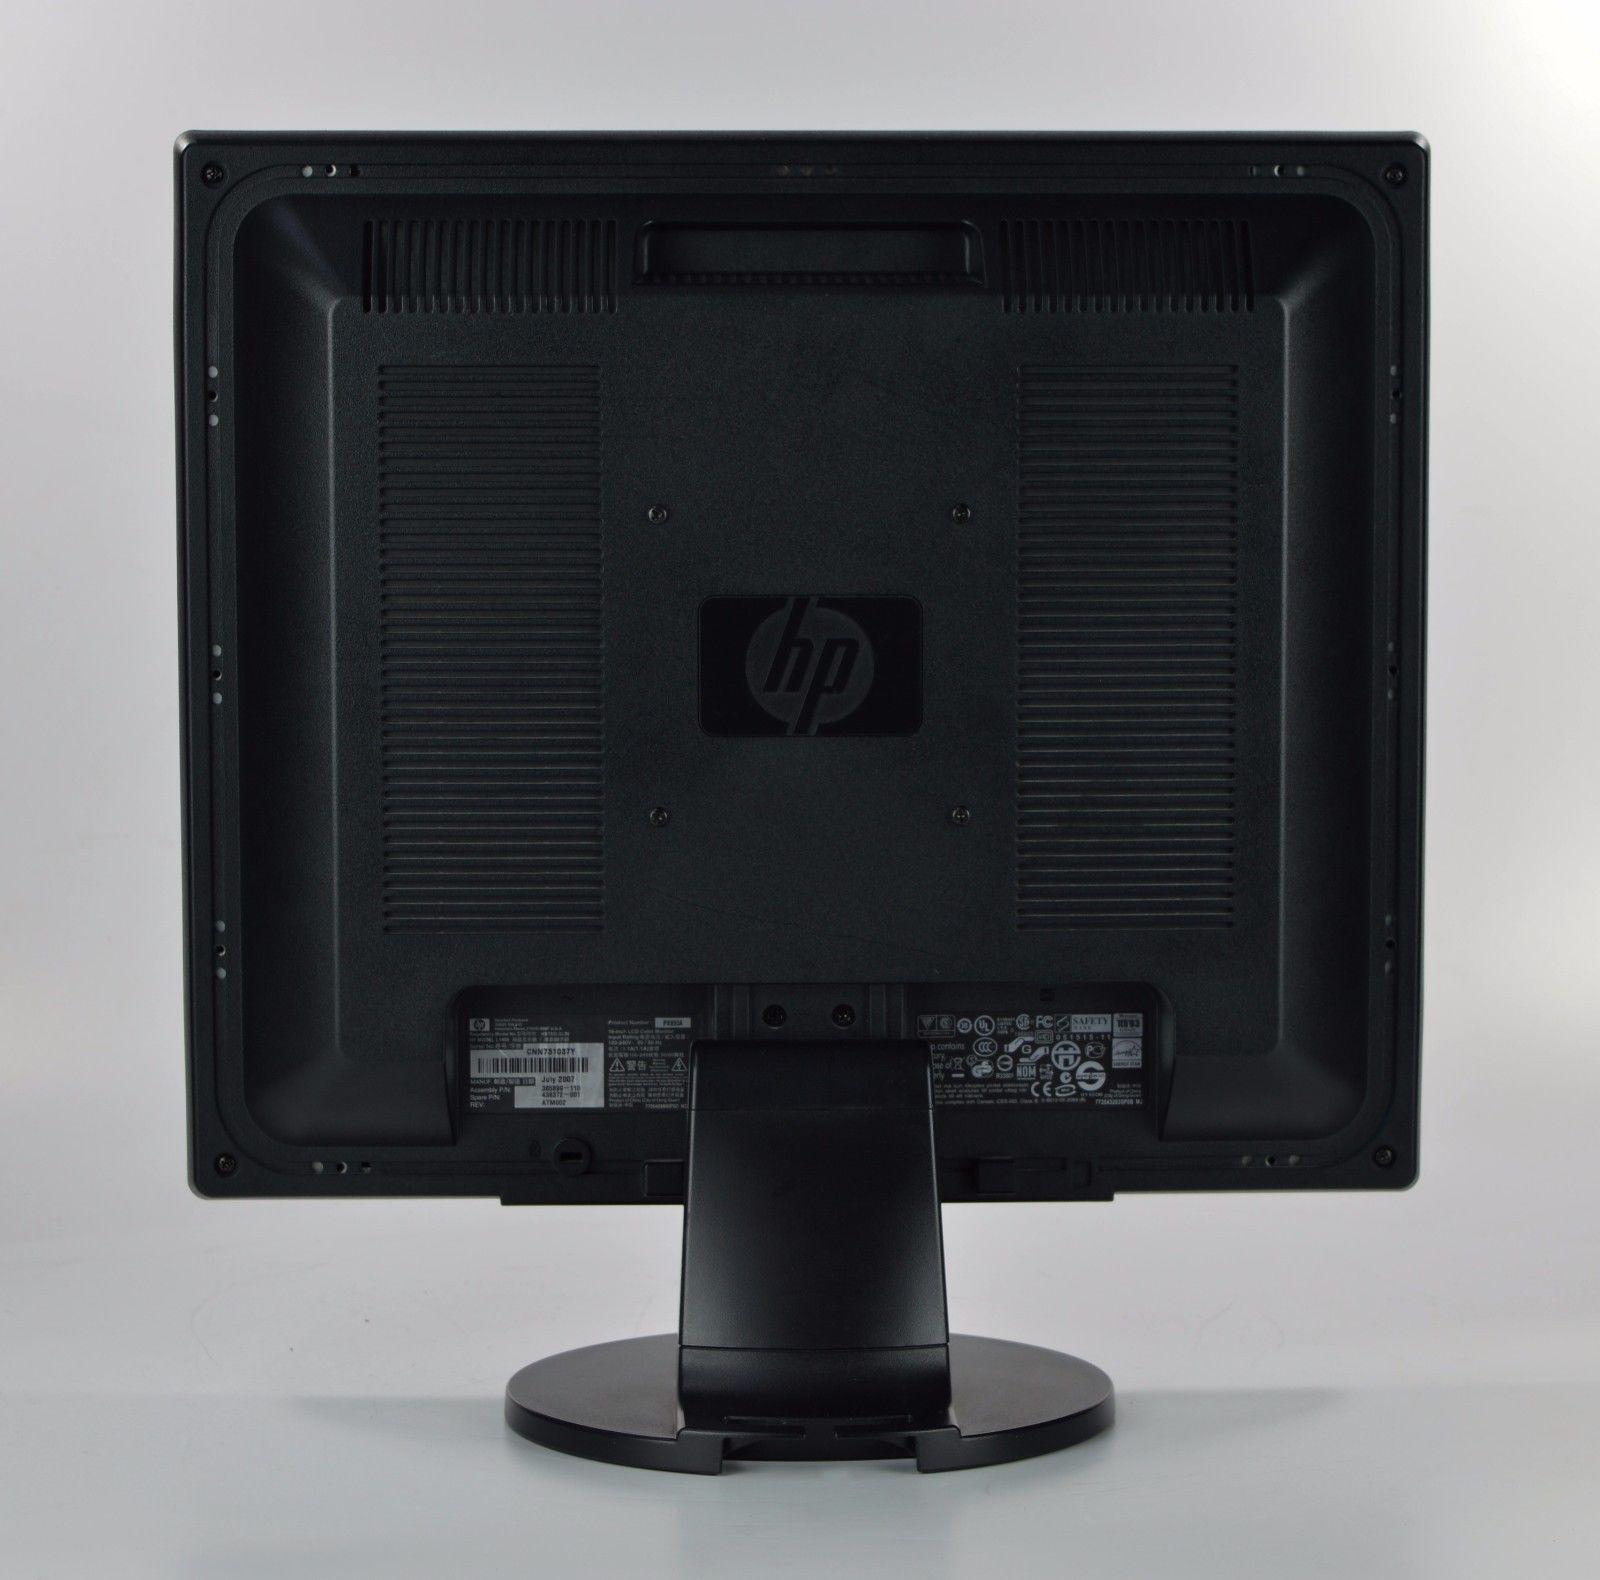 HP L1906